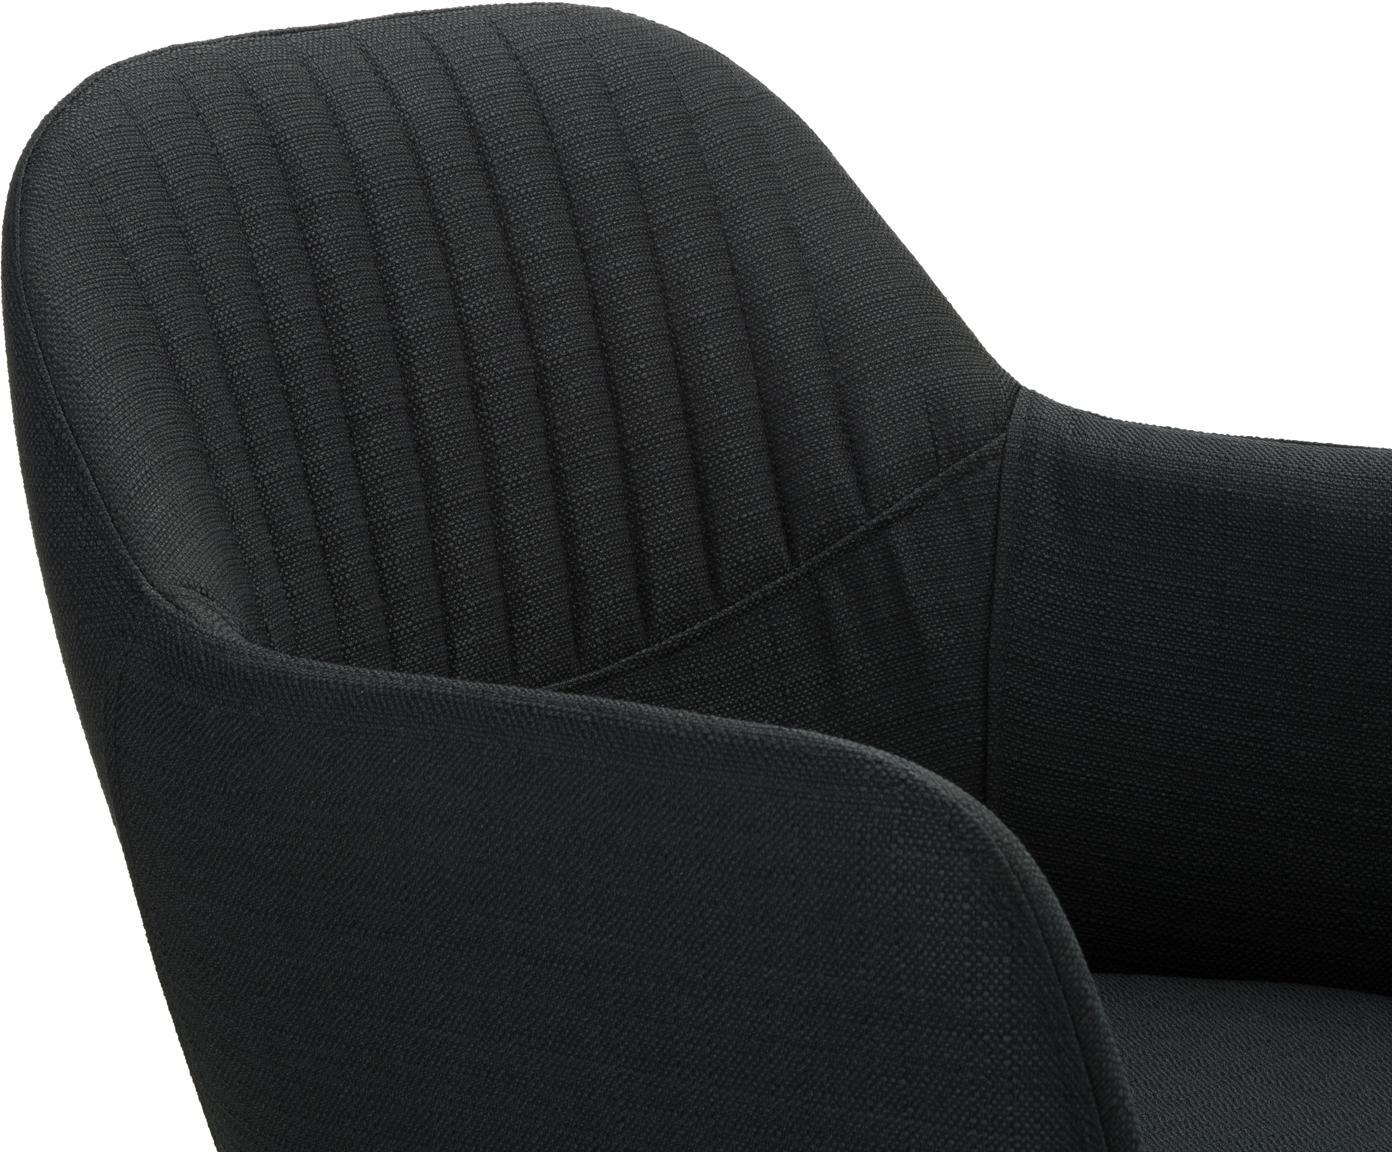 Beklede draaistoel Lola met armleuning, Bekleding: polyester, Poten: gepoedercoat metaal, Geweven stof zwart, poten zwart, B 55 x D 52 cm